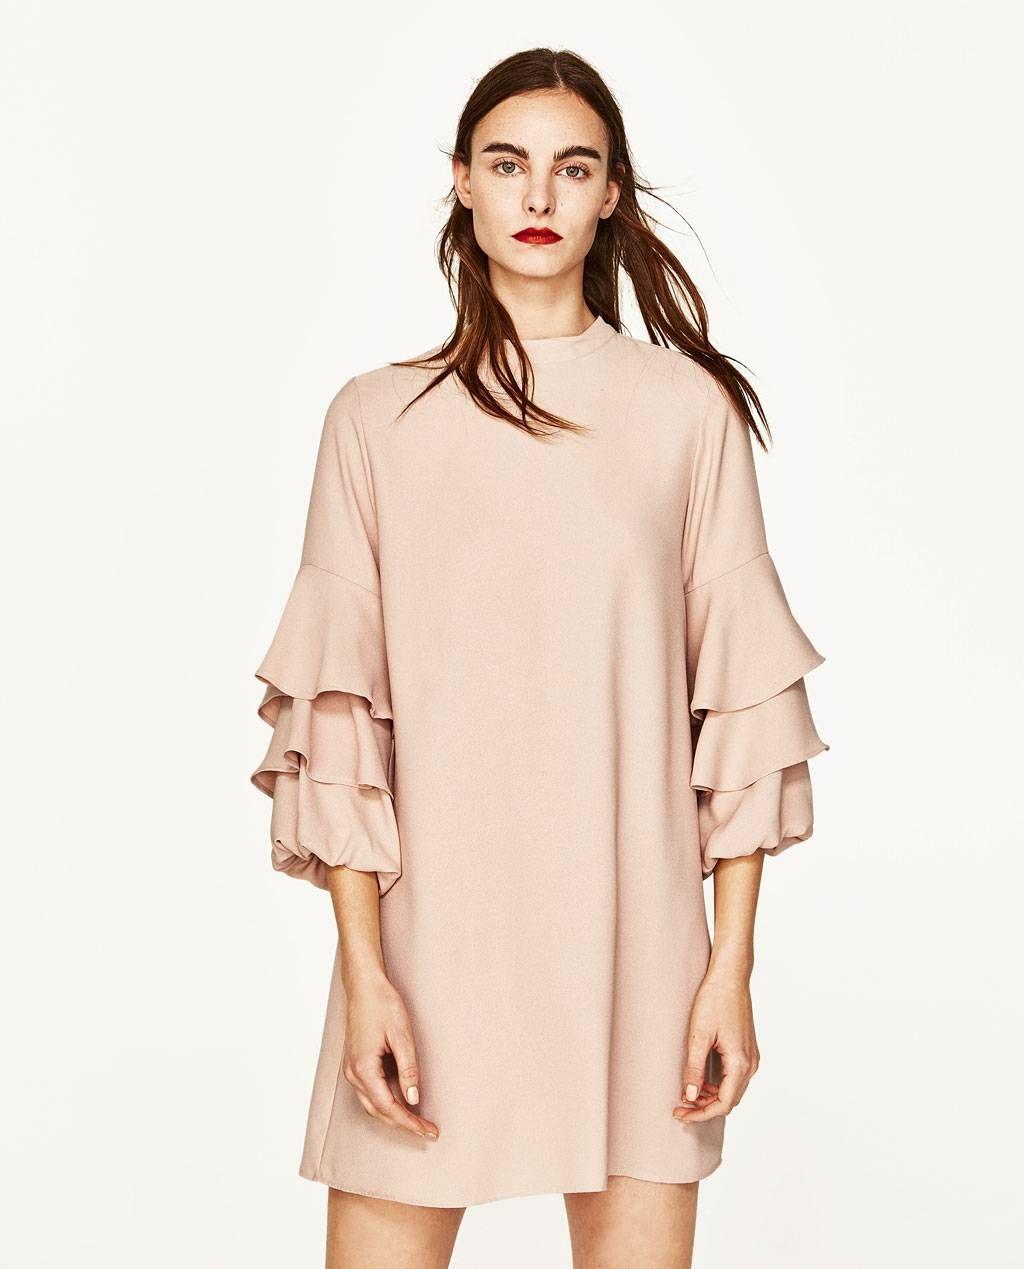 Zara abiti donna cerimonia  ff1ebc357a29